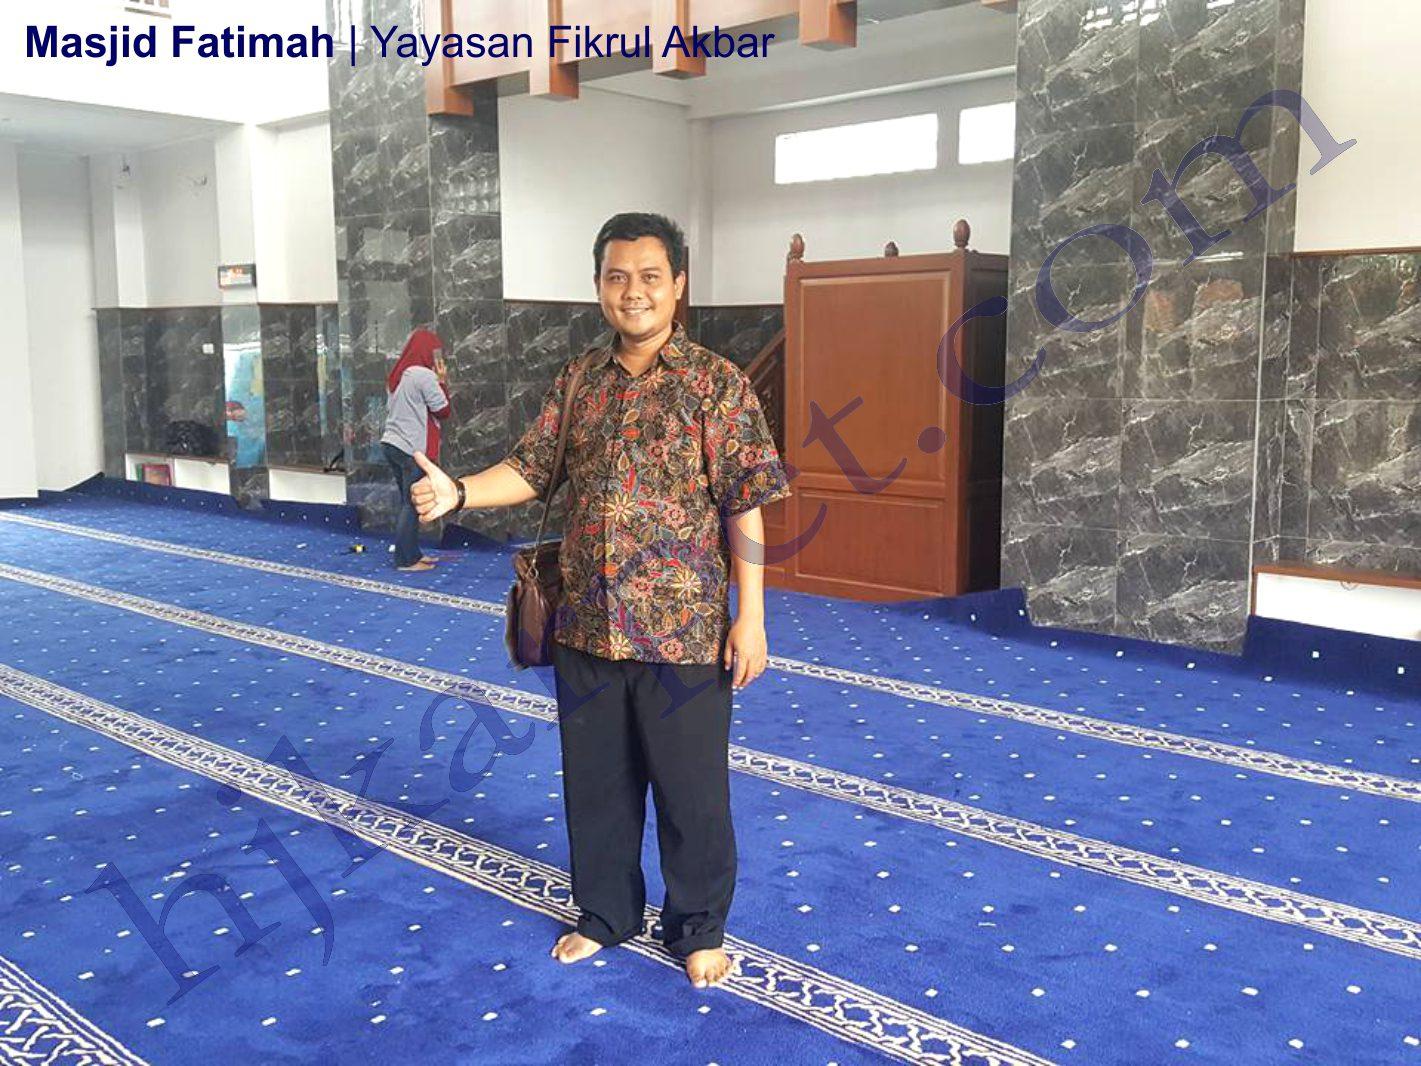 Karpet Masjid Fatimah Yayasan Fikrul Akbar